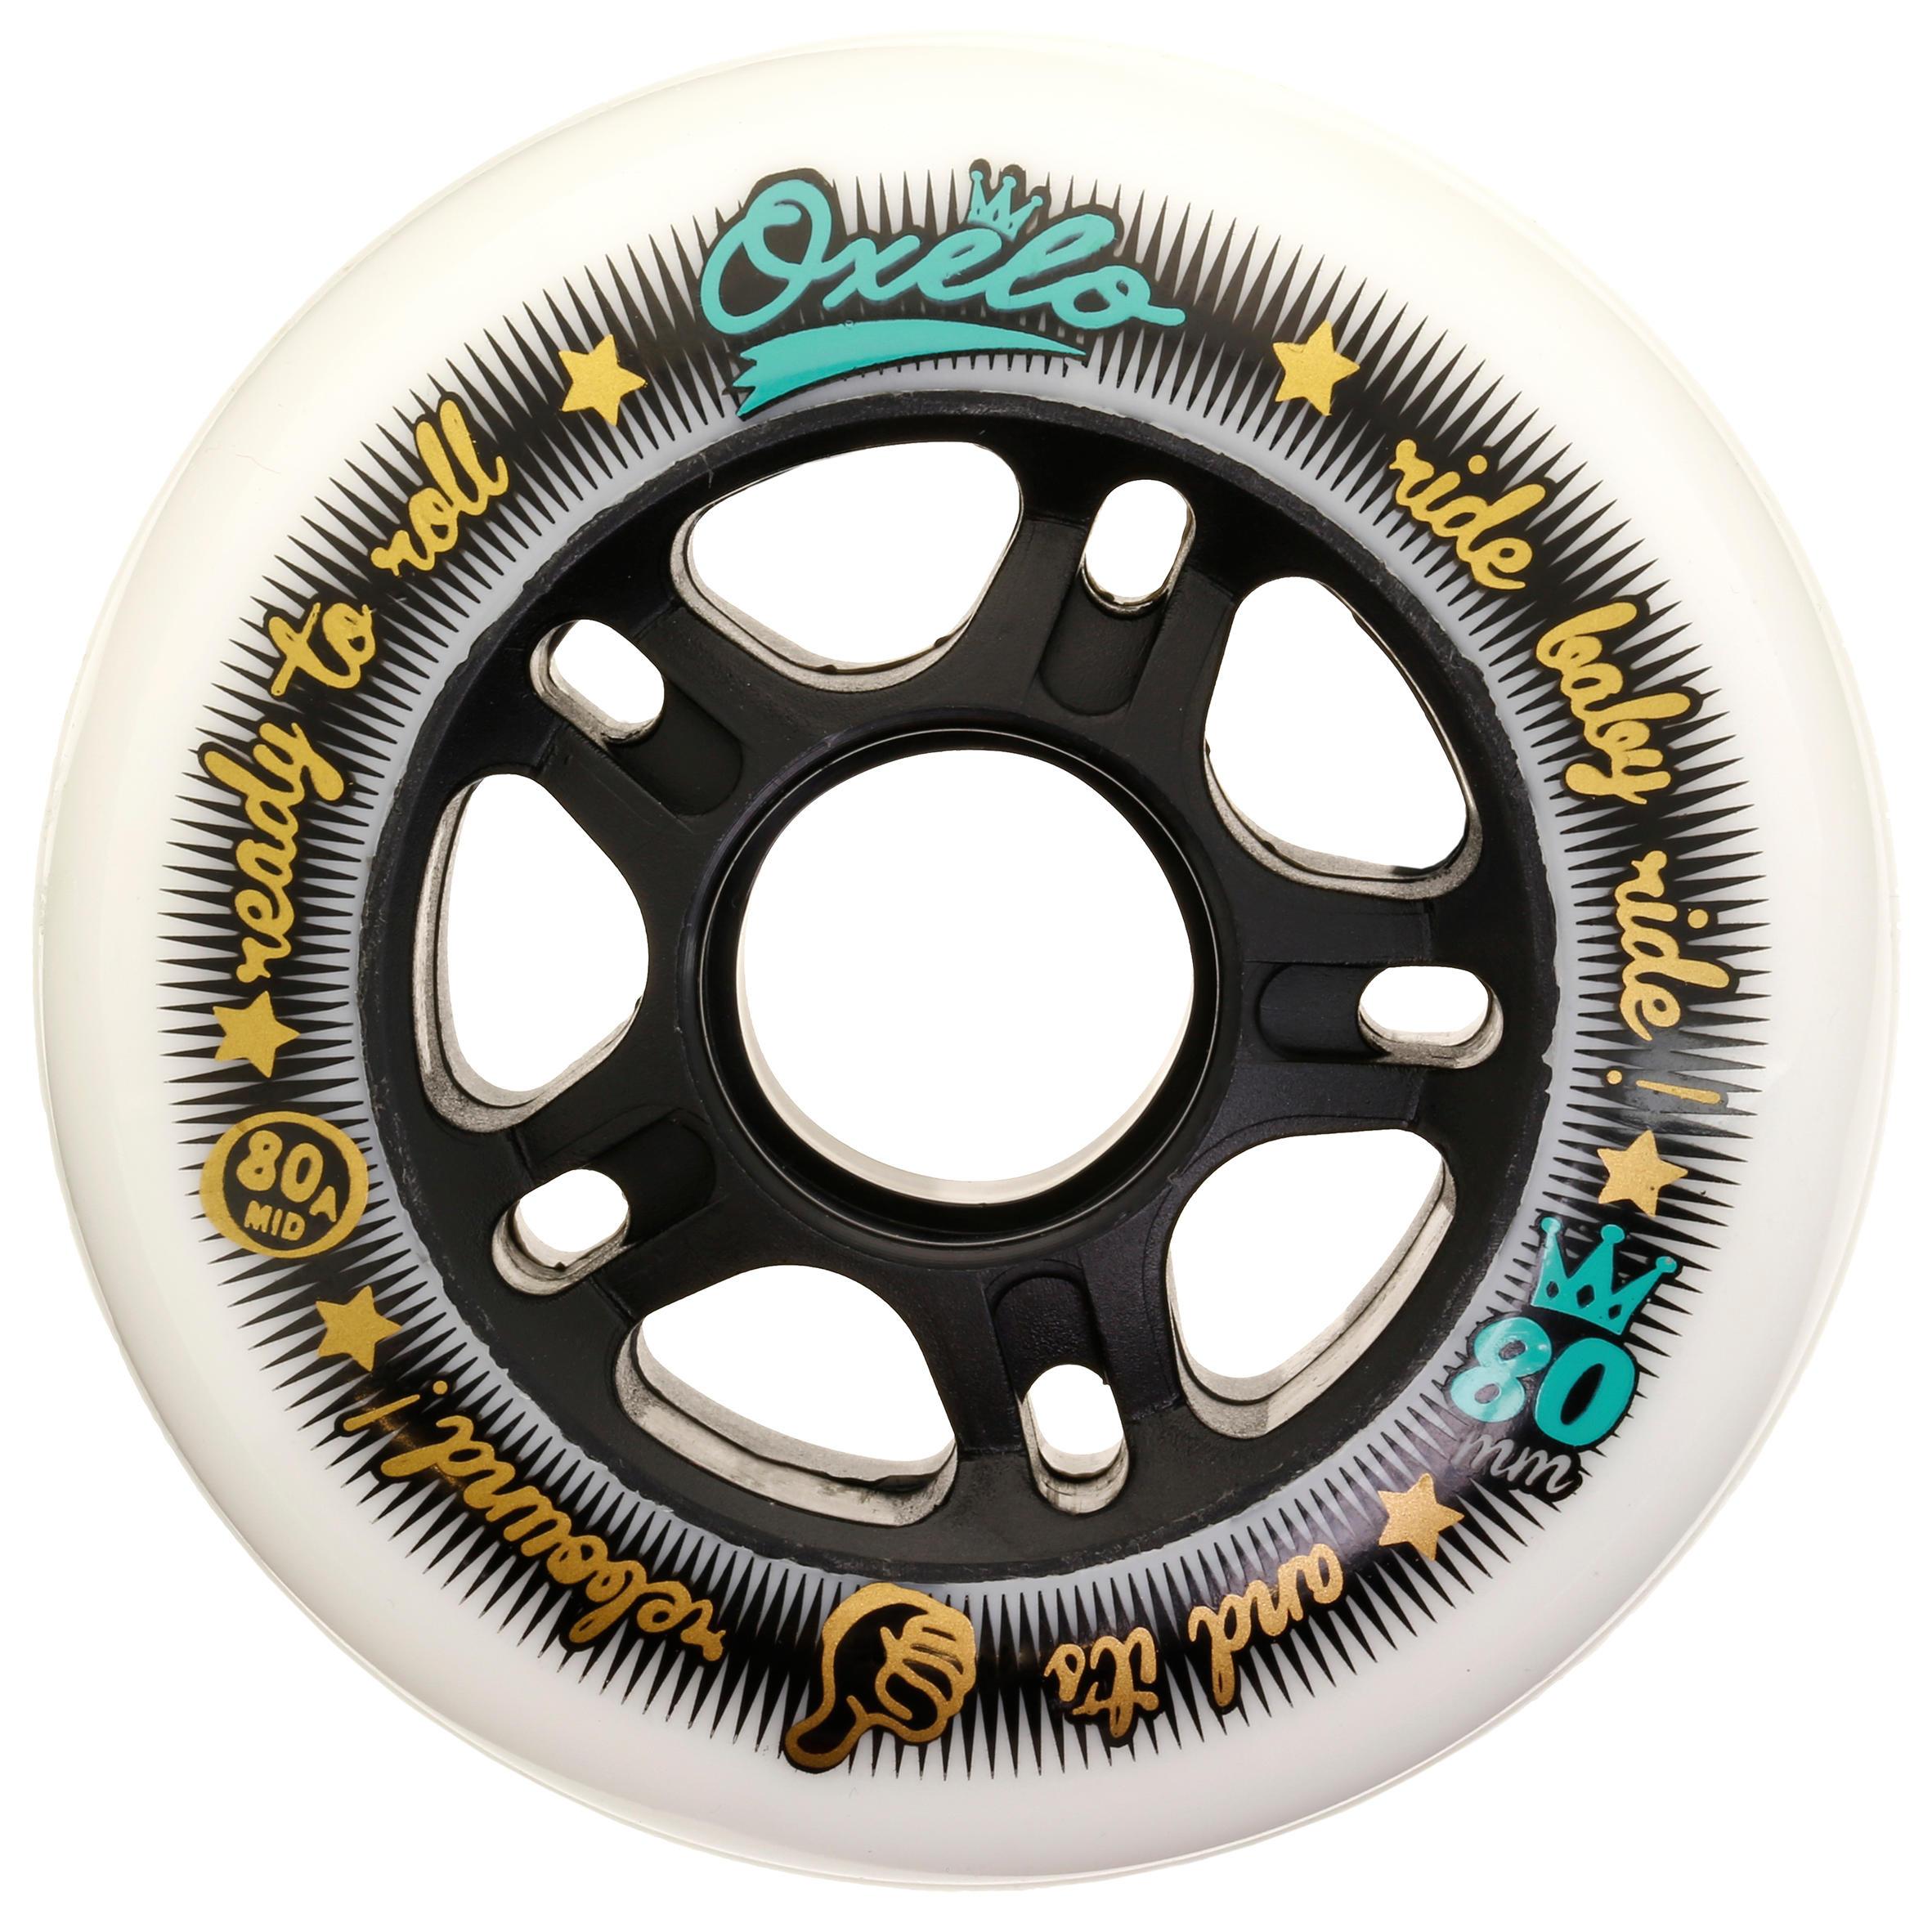 4 roues de patins à roues alignées entraînement adulte FIT 3,15_QUOTE_ 80A blanches